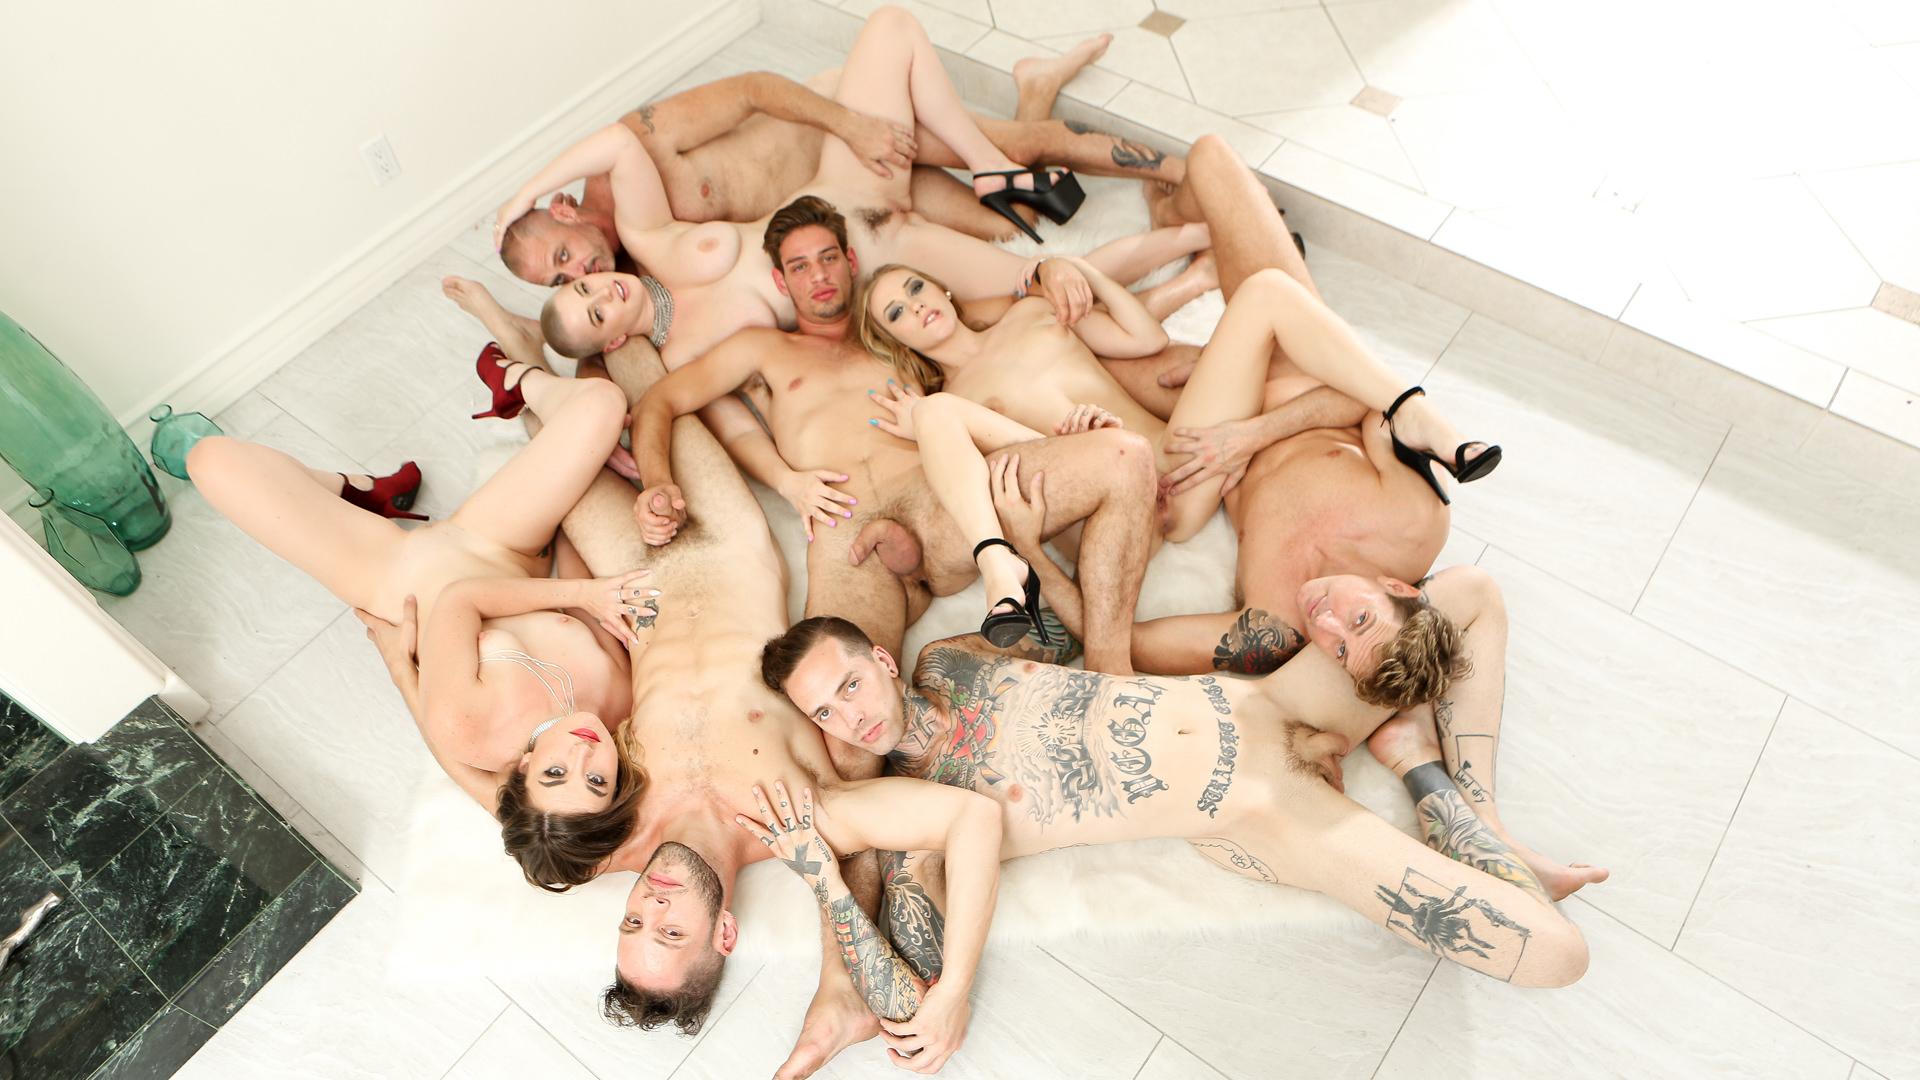 Group Bi In, Scene #01